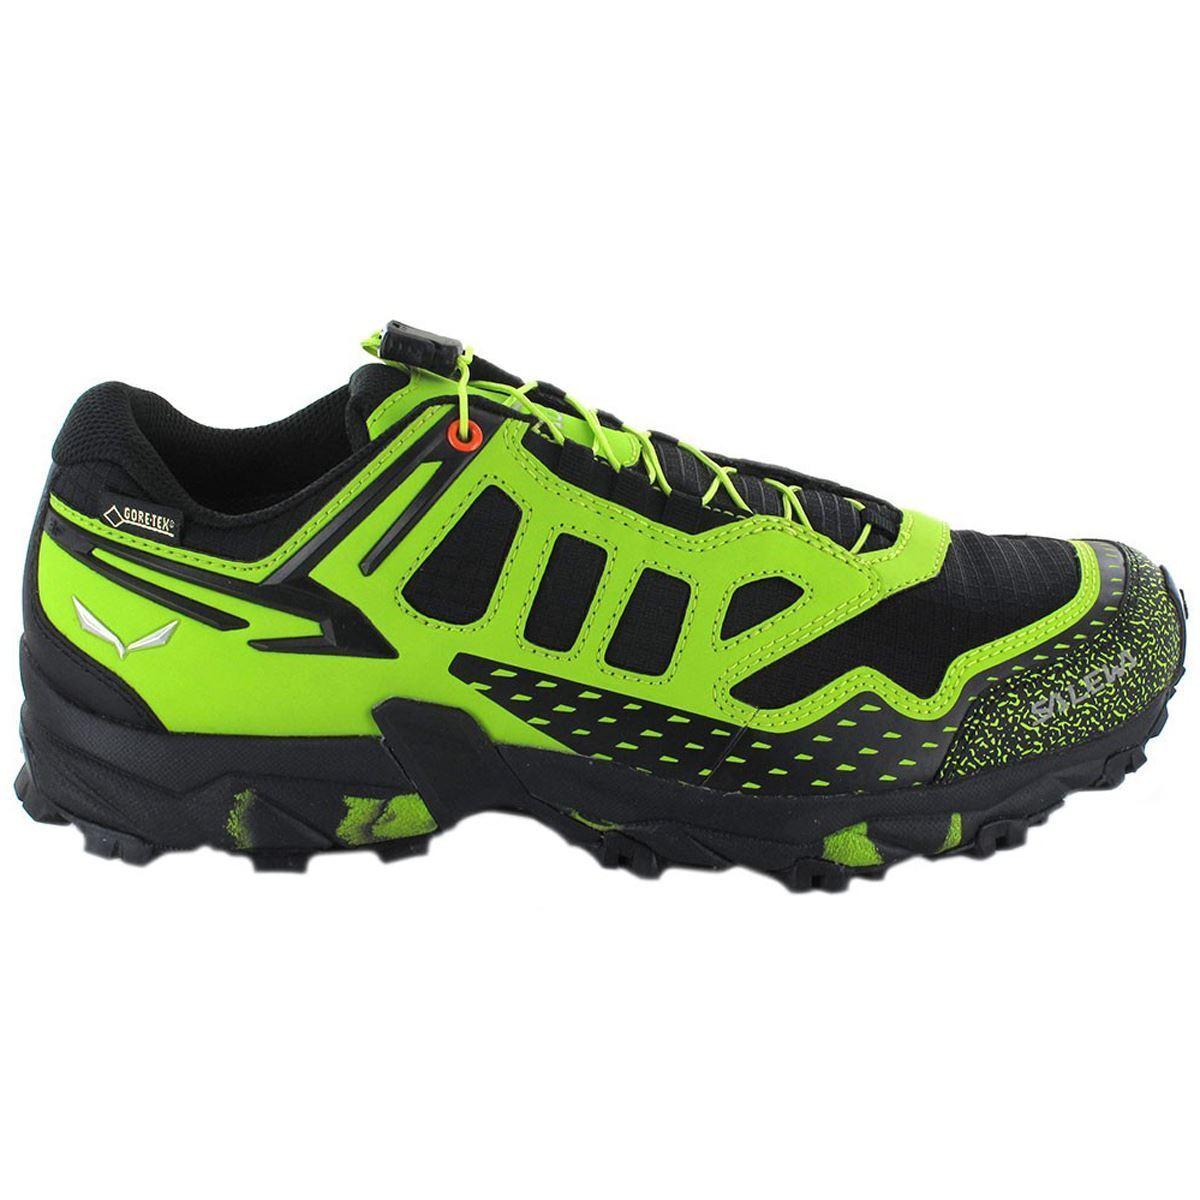 Salewa Ultra Train Gore-Tex Black Green Mens Hiking Shoes